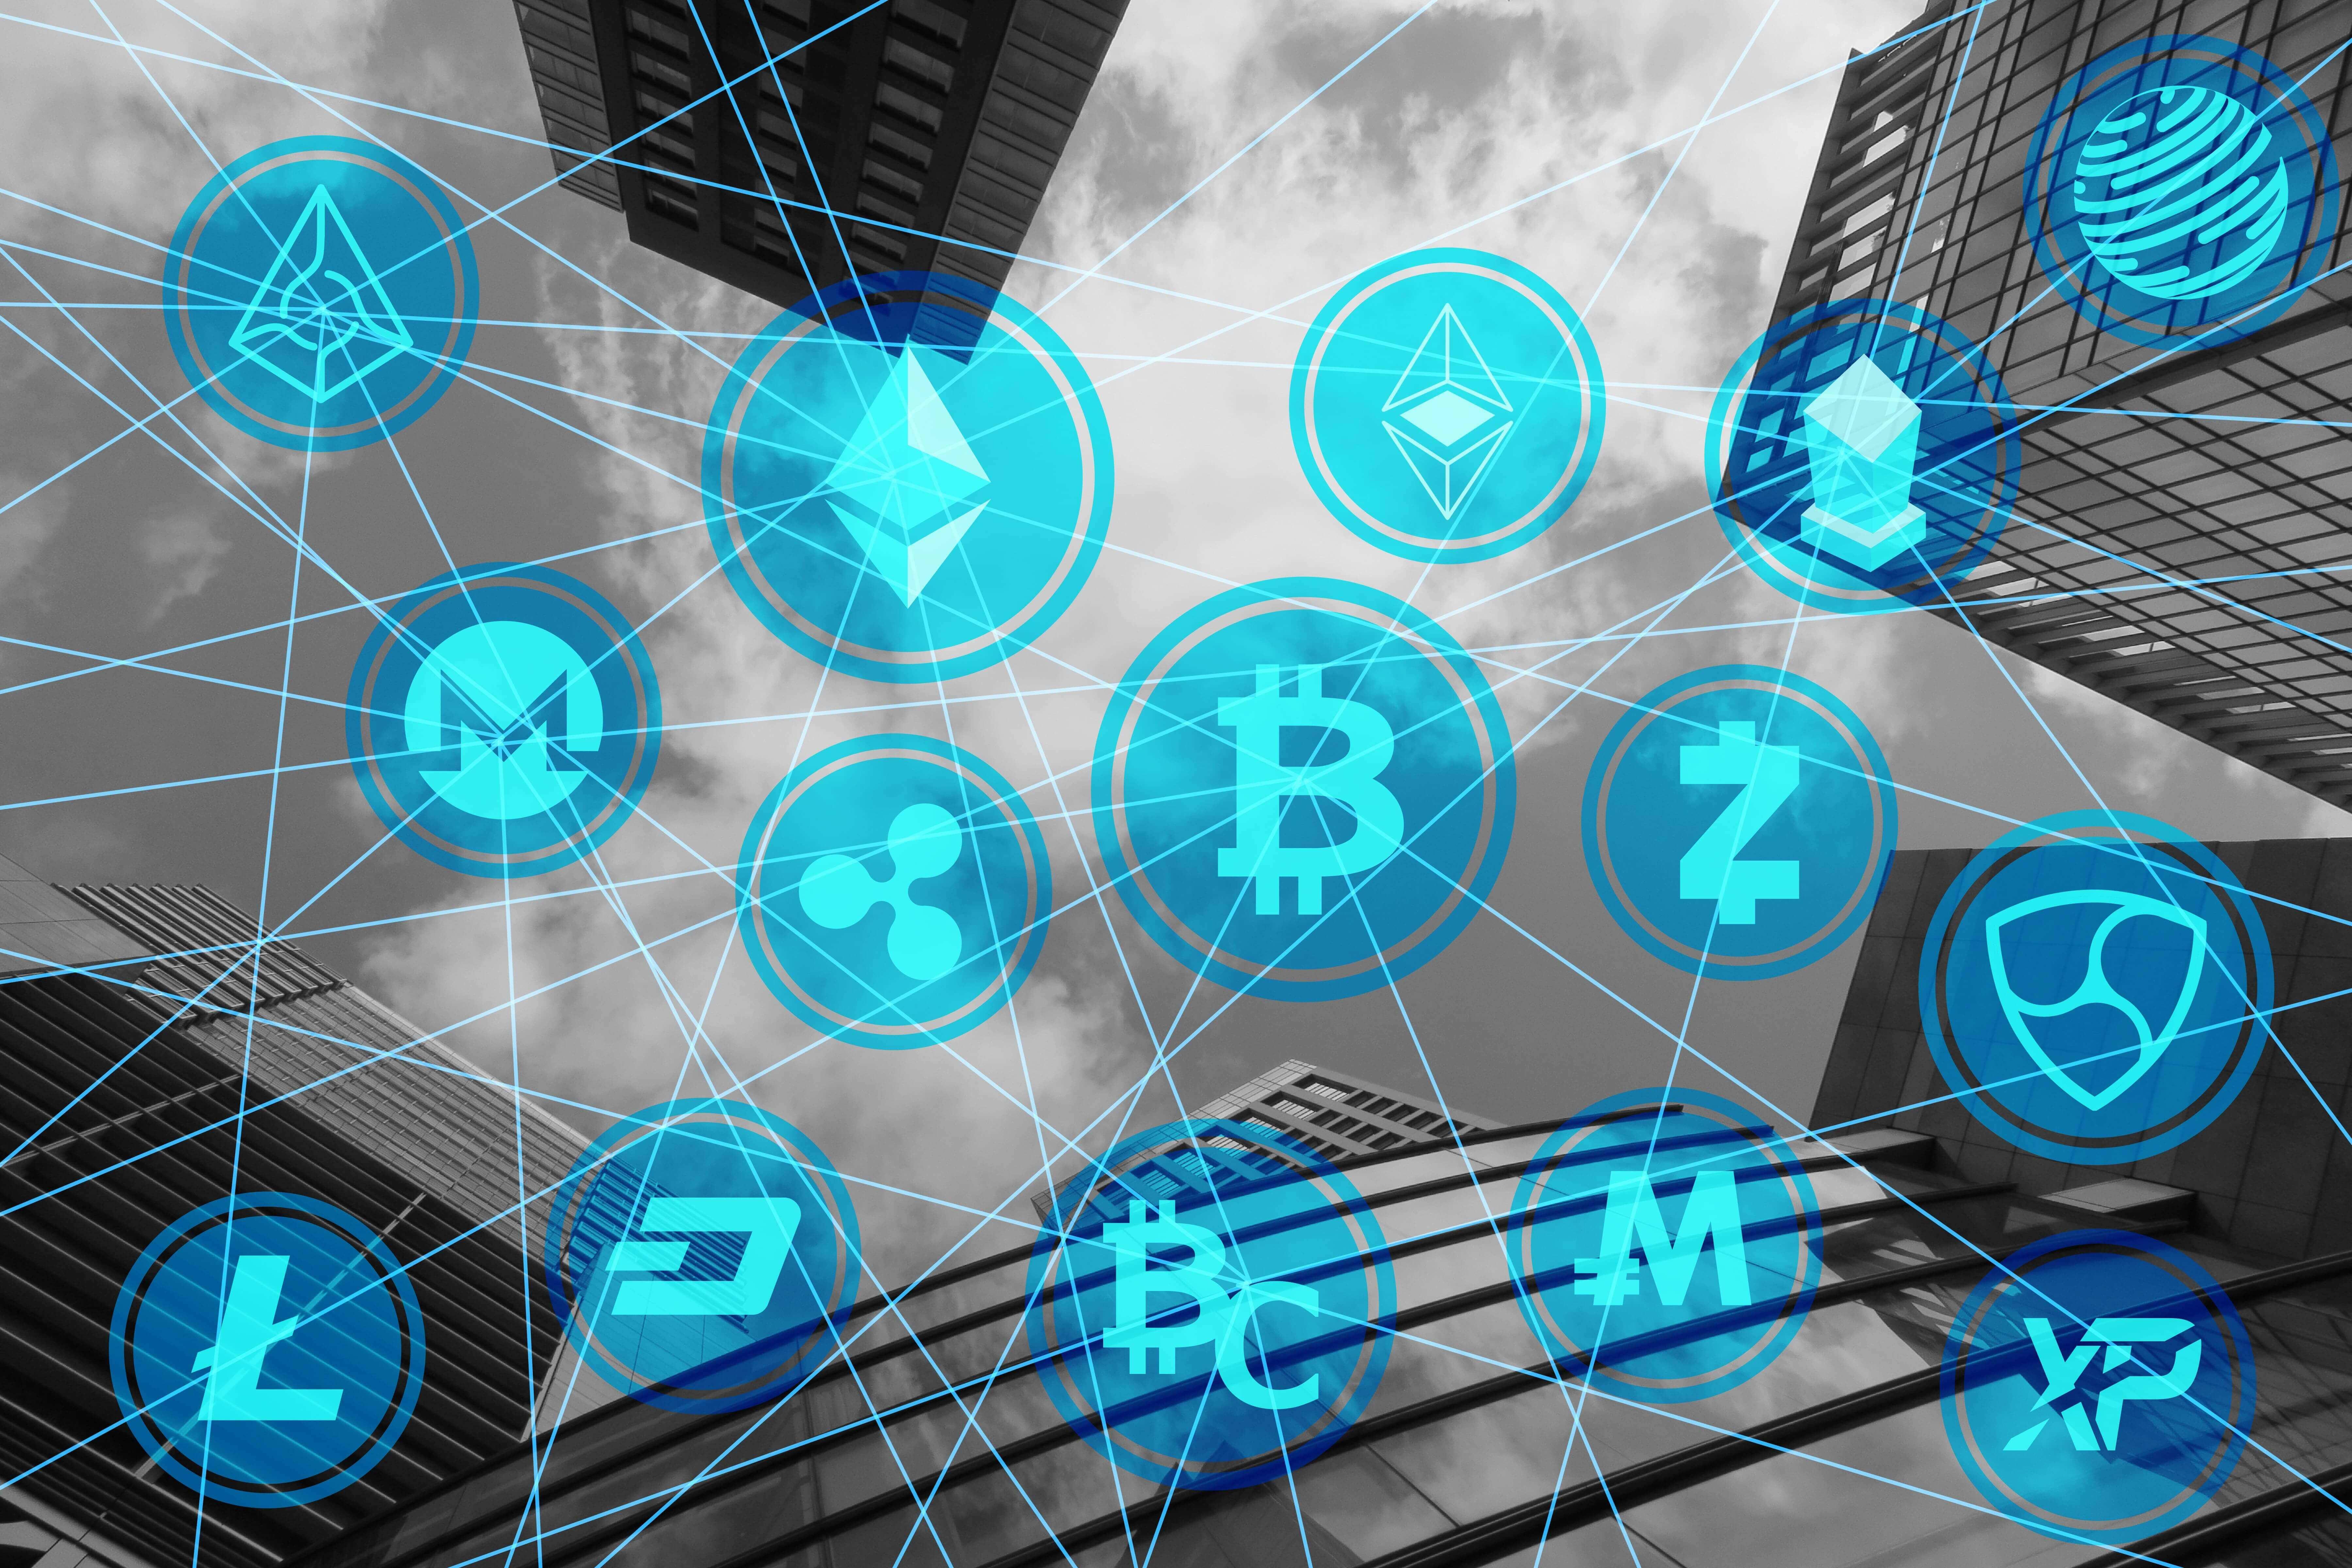 ビットコイン(Bitcoin/BTC)とリップル(Ripple/XRP)を徹底的に比較!違いは何?